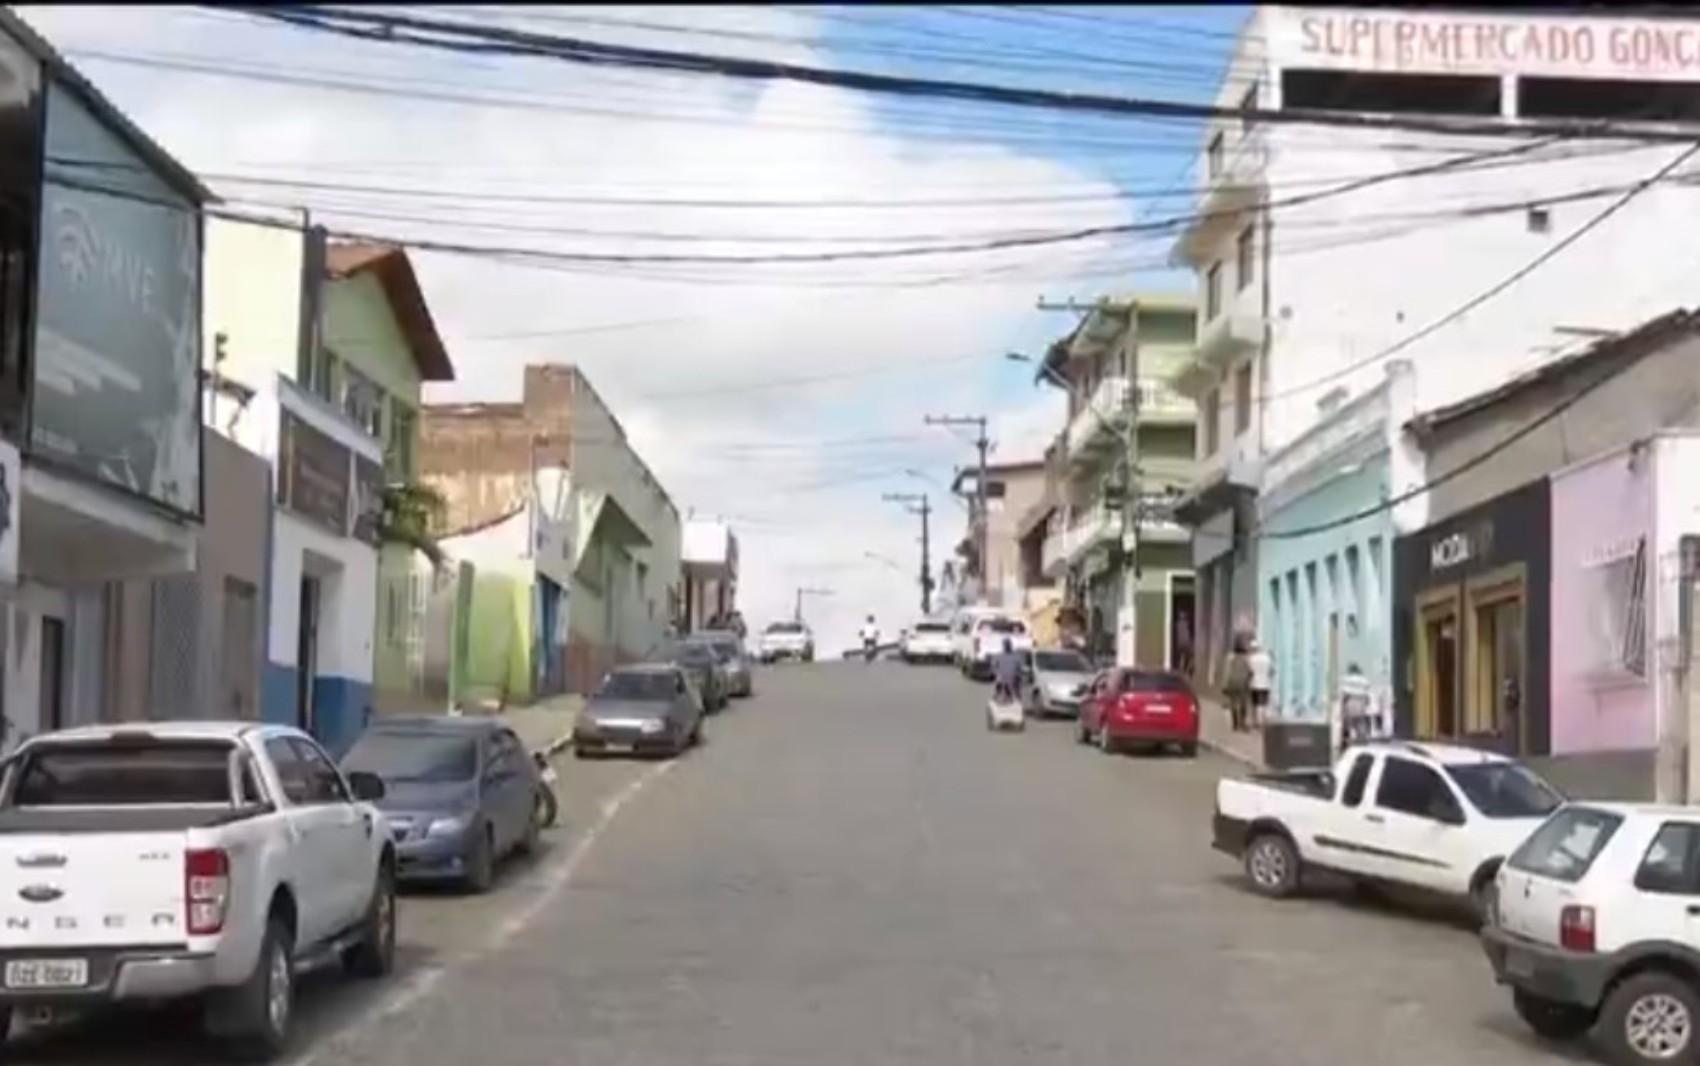 Prefeitura de Ibicuí estima prejuízo de cerca de R$ 5 milhões por causa do cancelamento dos festejos juninos na Bahia